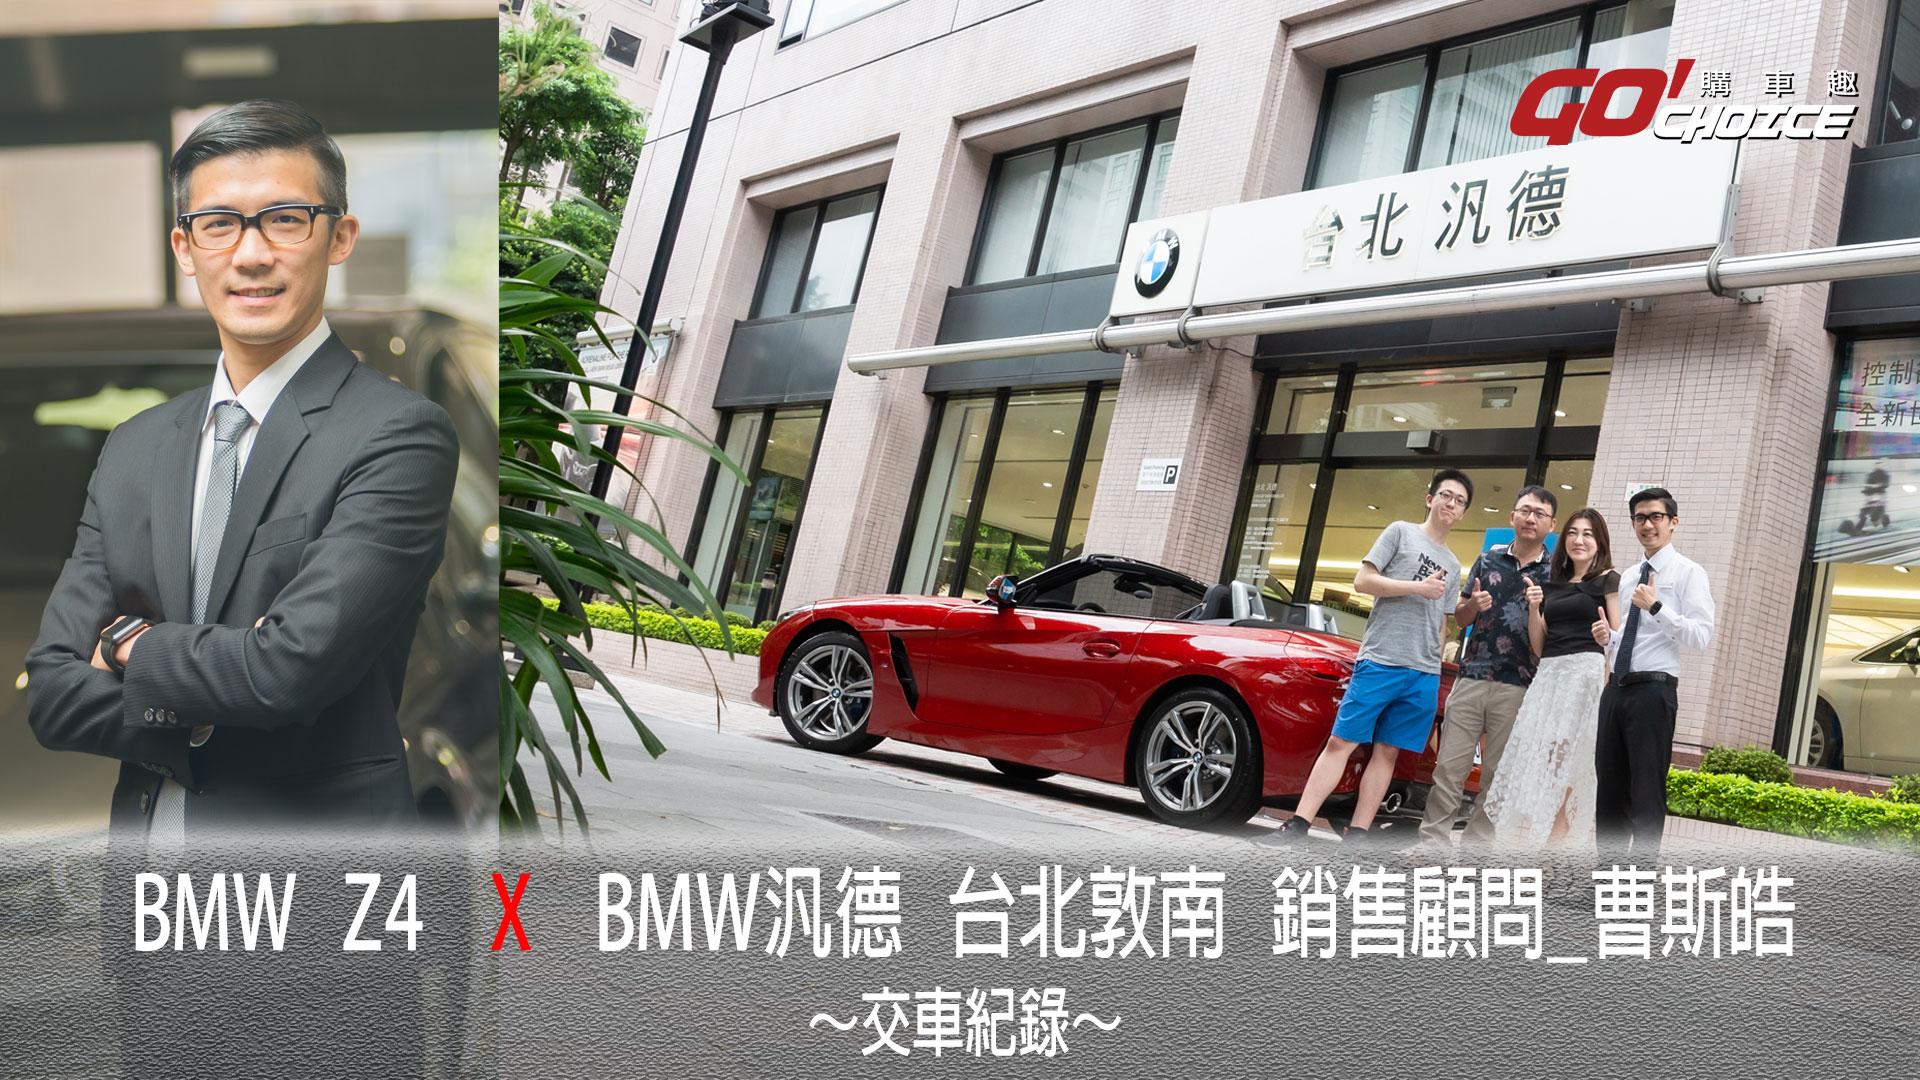 交車紀錄-BMW Z4-BMW台北敦南所 銷售顧問_曹斯皓